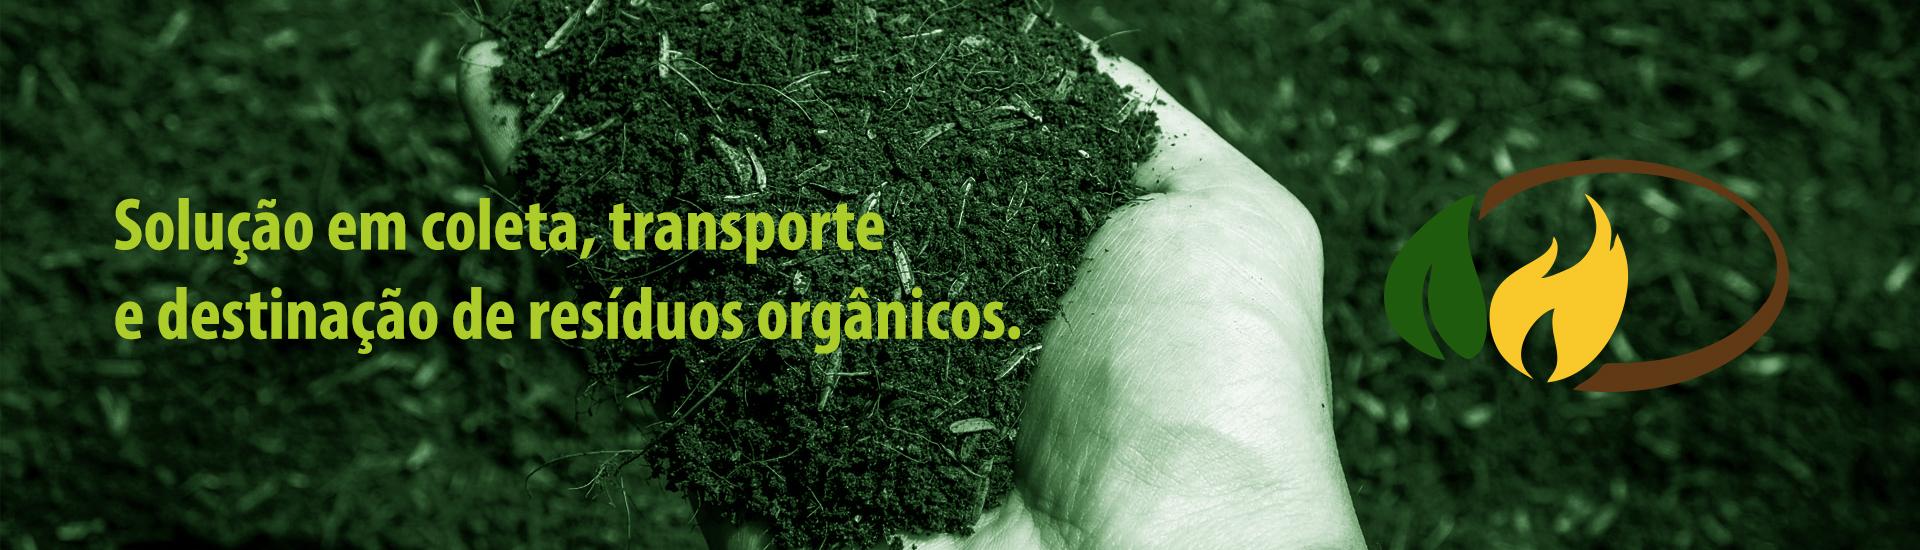 minas_organic_banner1